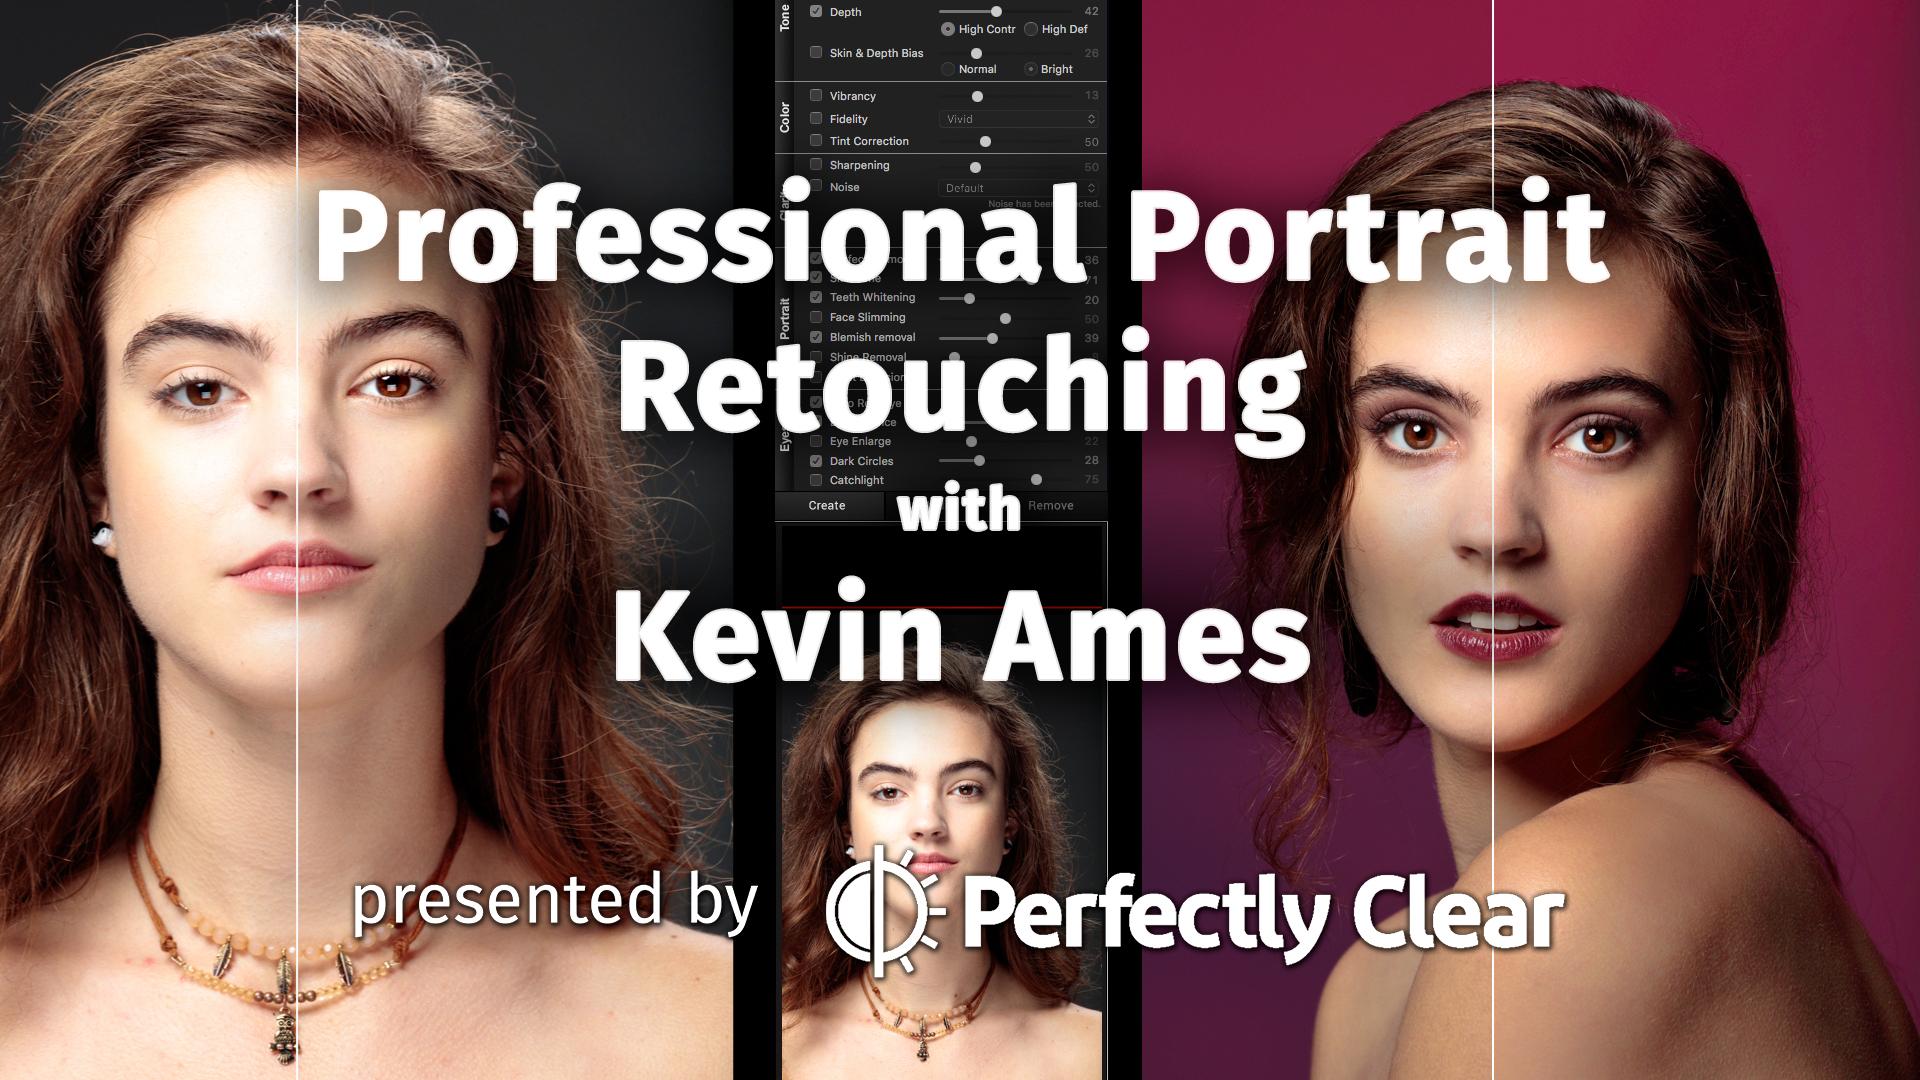 Pro Portrait with KA 1920 x 1080